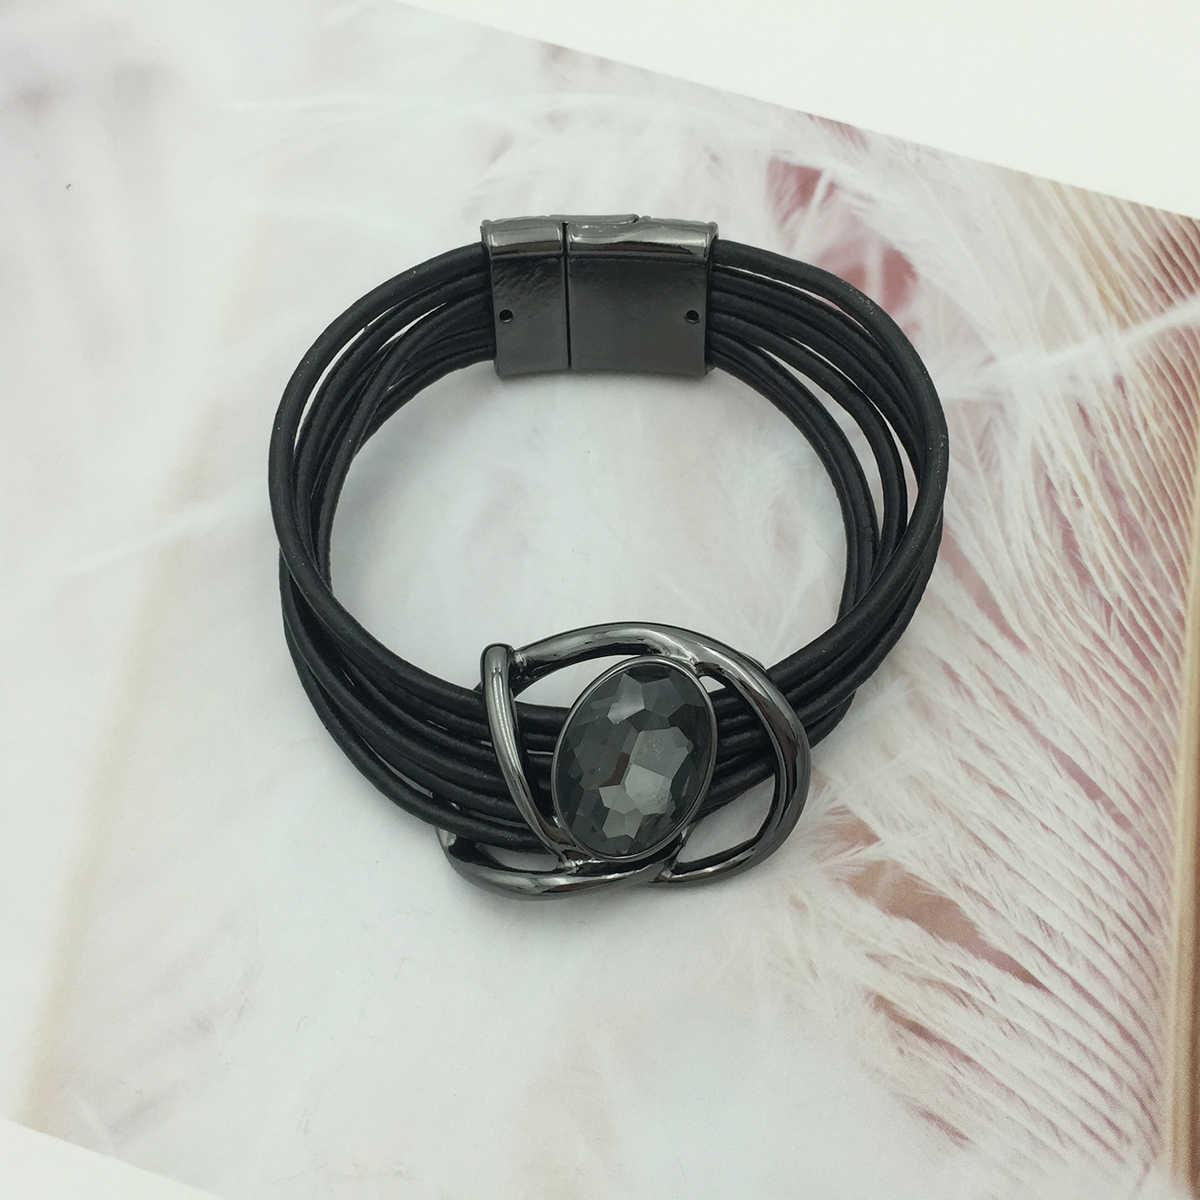 Duży kryształ szlachetny luksusowa bransoletka dla kobiet proste wygodne magnetyczne Tube Bar zapięcie bransoletka 2018 nowych moda biżuteria